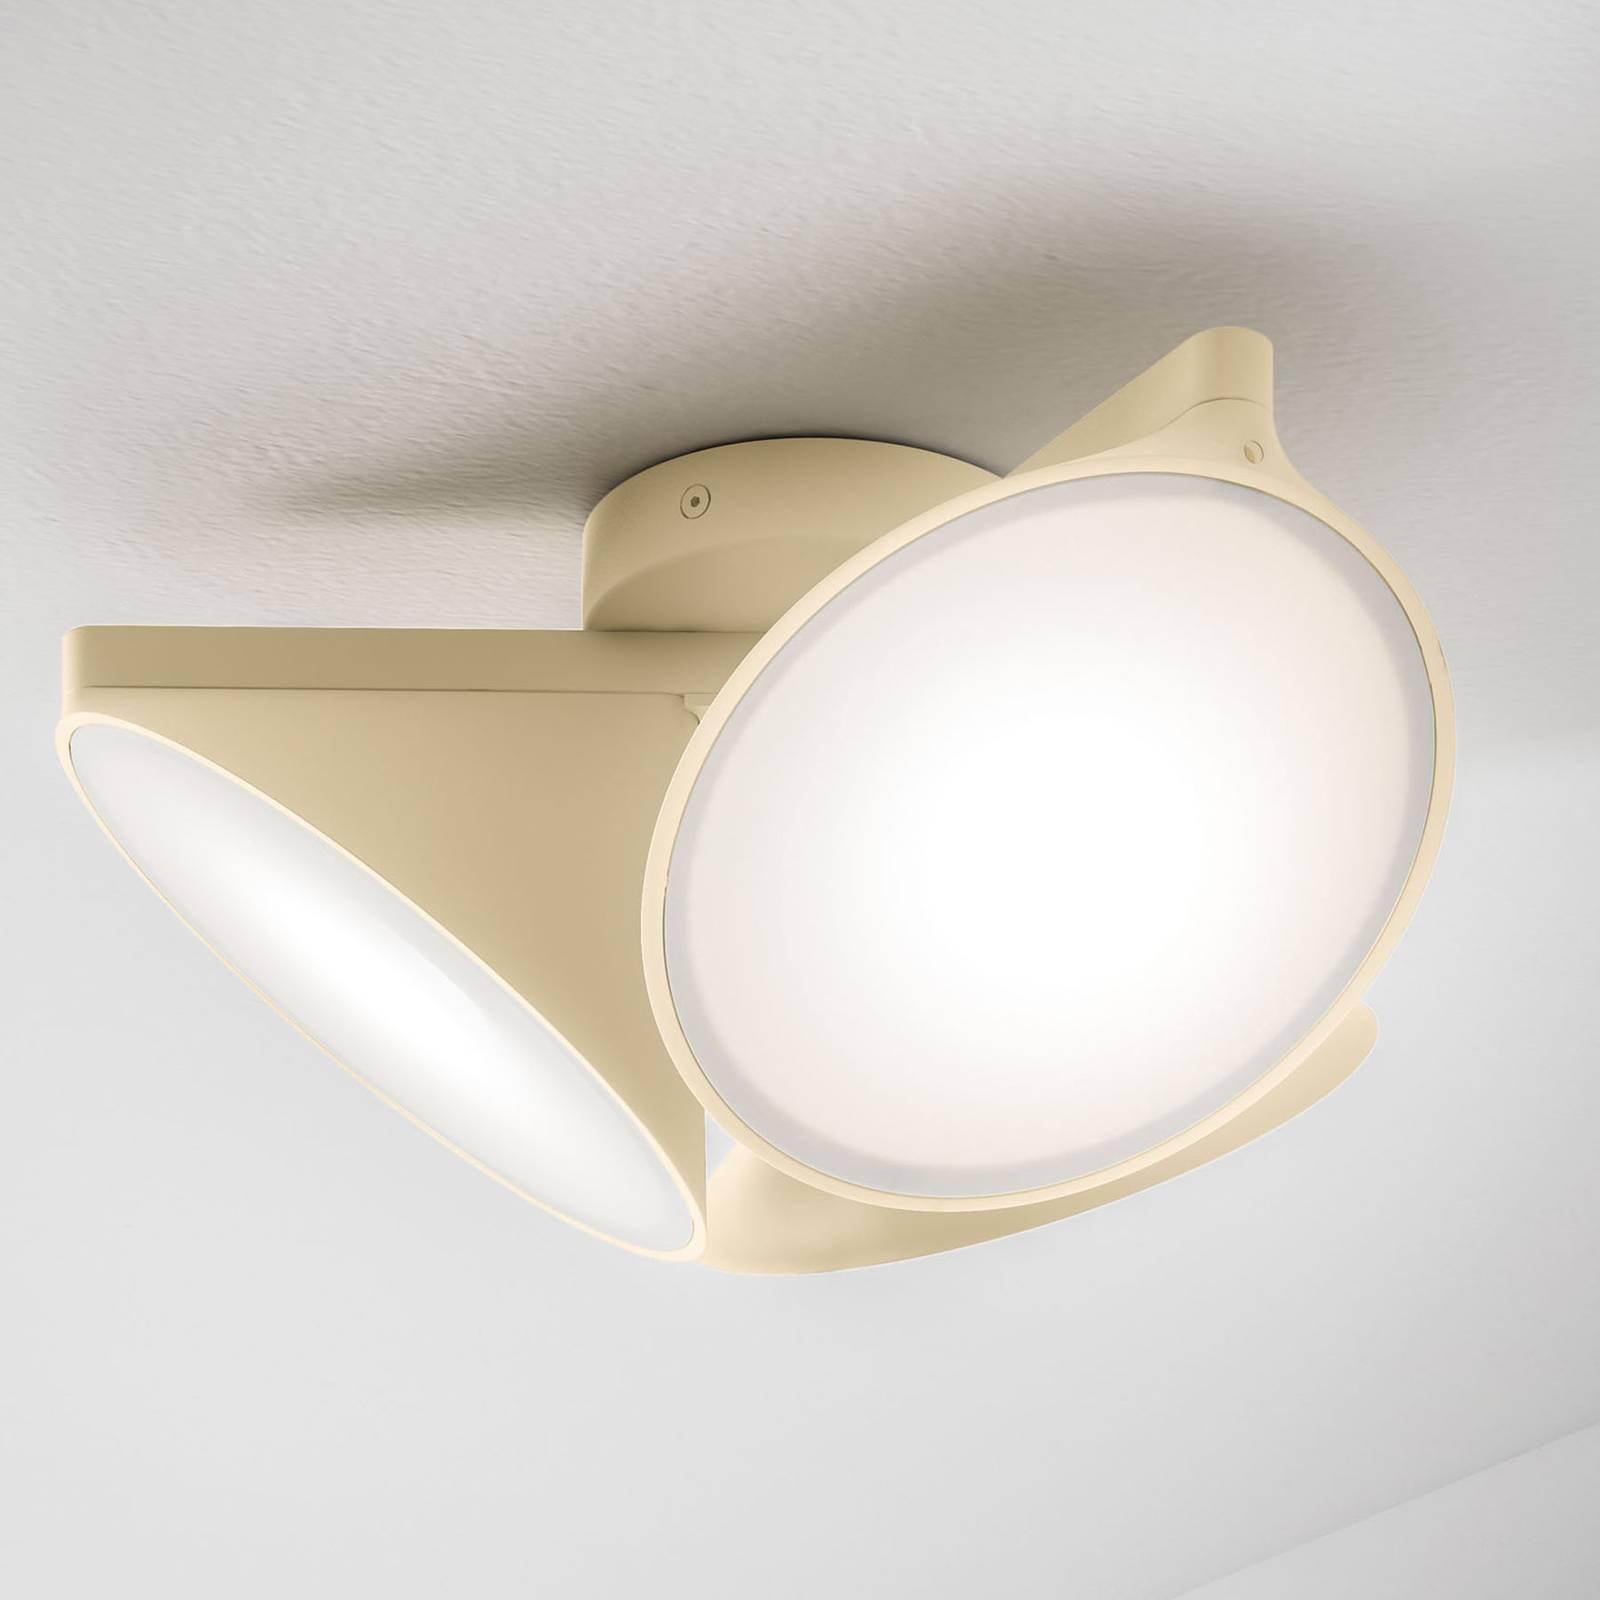 Axolight Orchid LED-kattovalaisin, hiekka